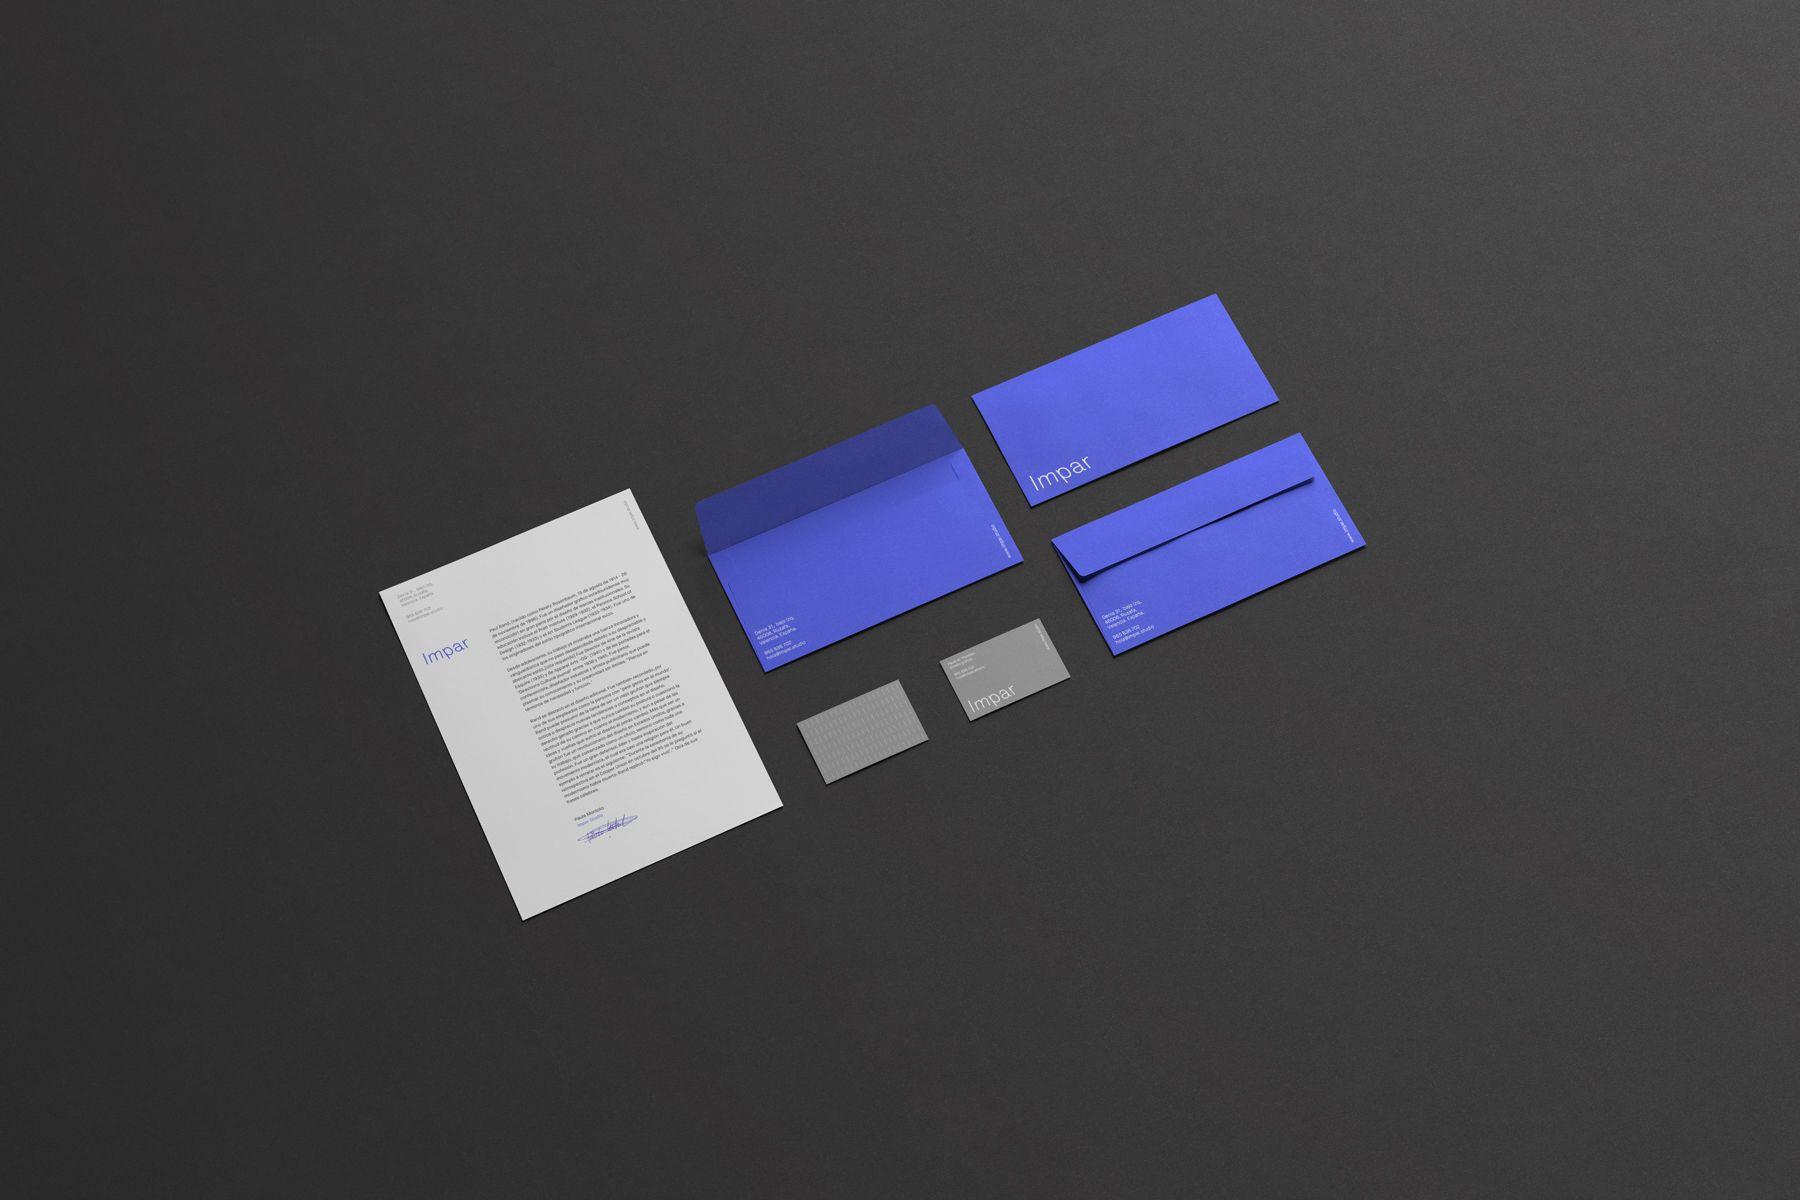 IMPAR STUDIO - Somos Impar y hacemos diseño y estrategia digital. | Design and digital strategy studio. + info_ hola@impar.studio | www.impar.studio | #imparstudio #design #branding #naming #minimal #simple #clean #brand #minimalist #diseño #Valencia #marcas #imparworks